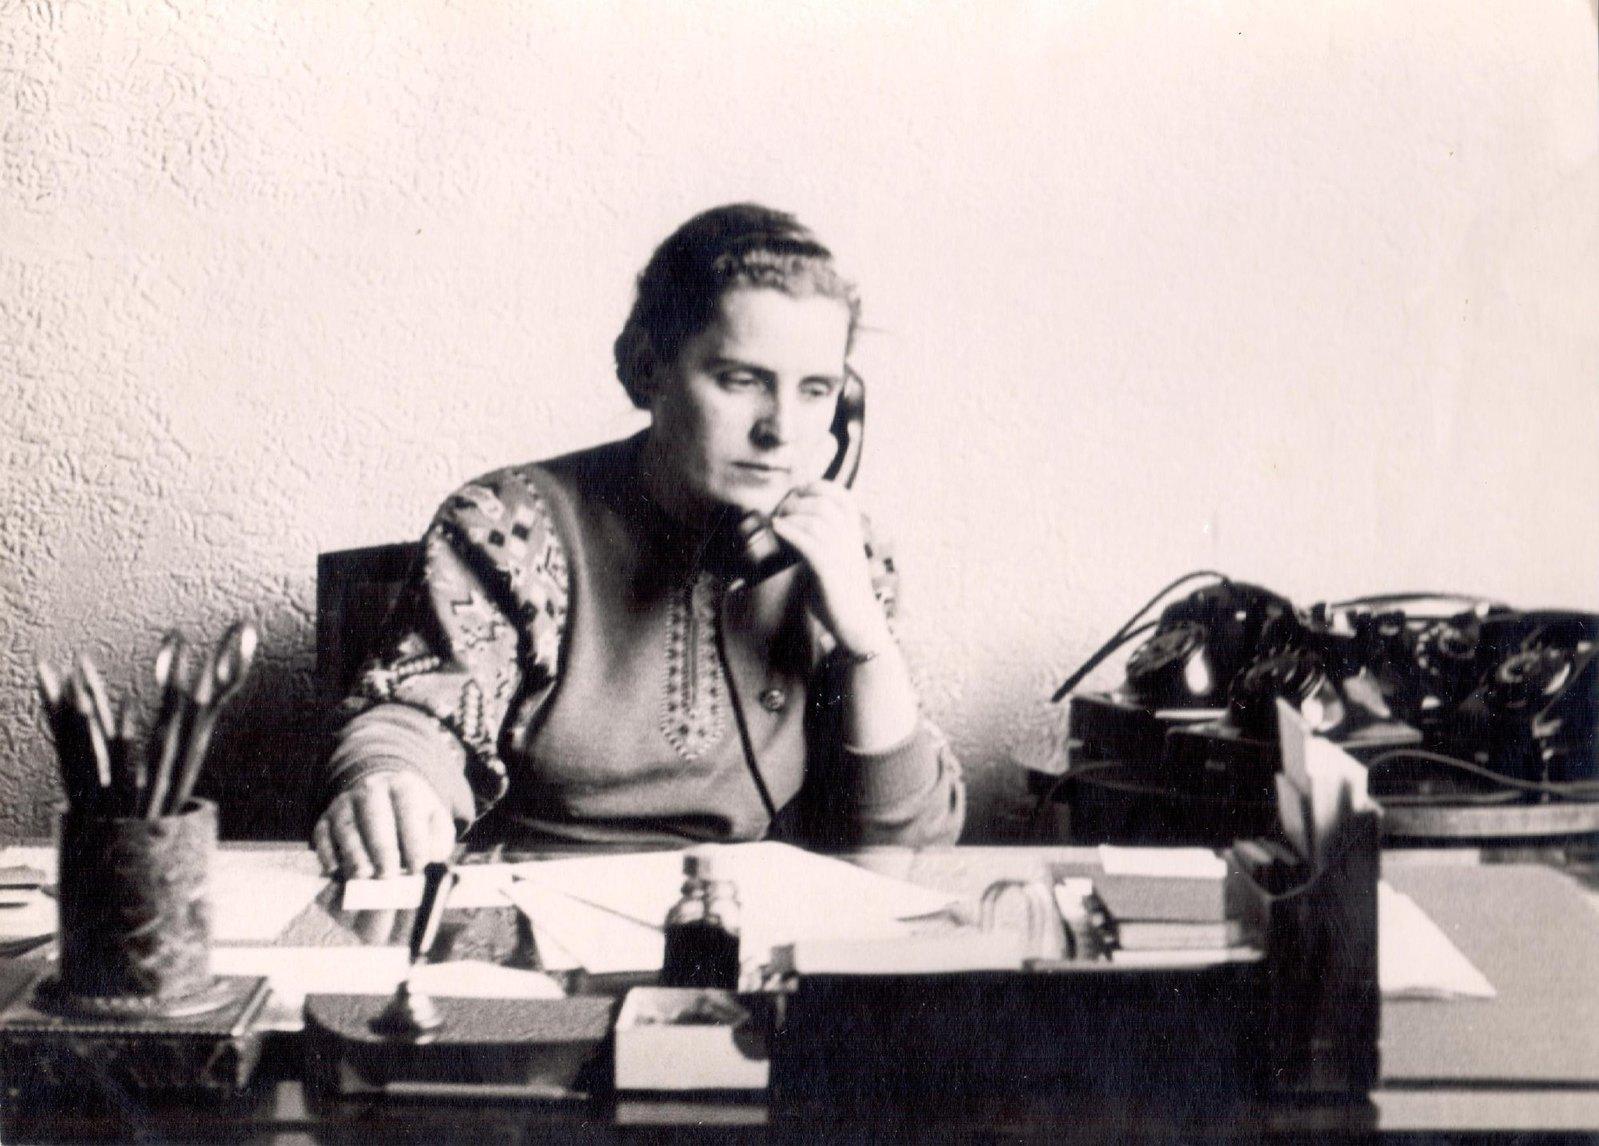 1950-е. Портрет секретаря ЦК ВЛКСМ Л.К. Балясной за рабочим столом